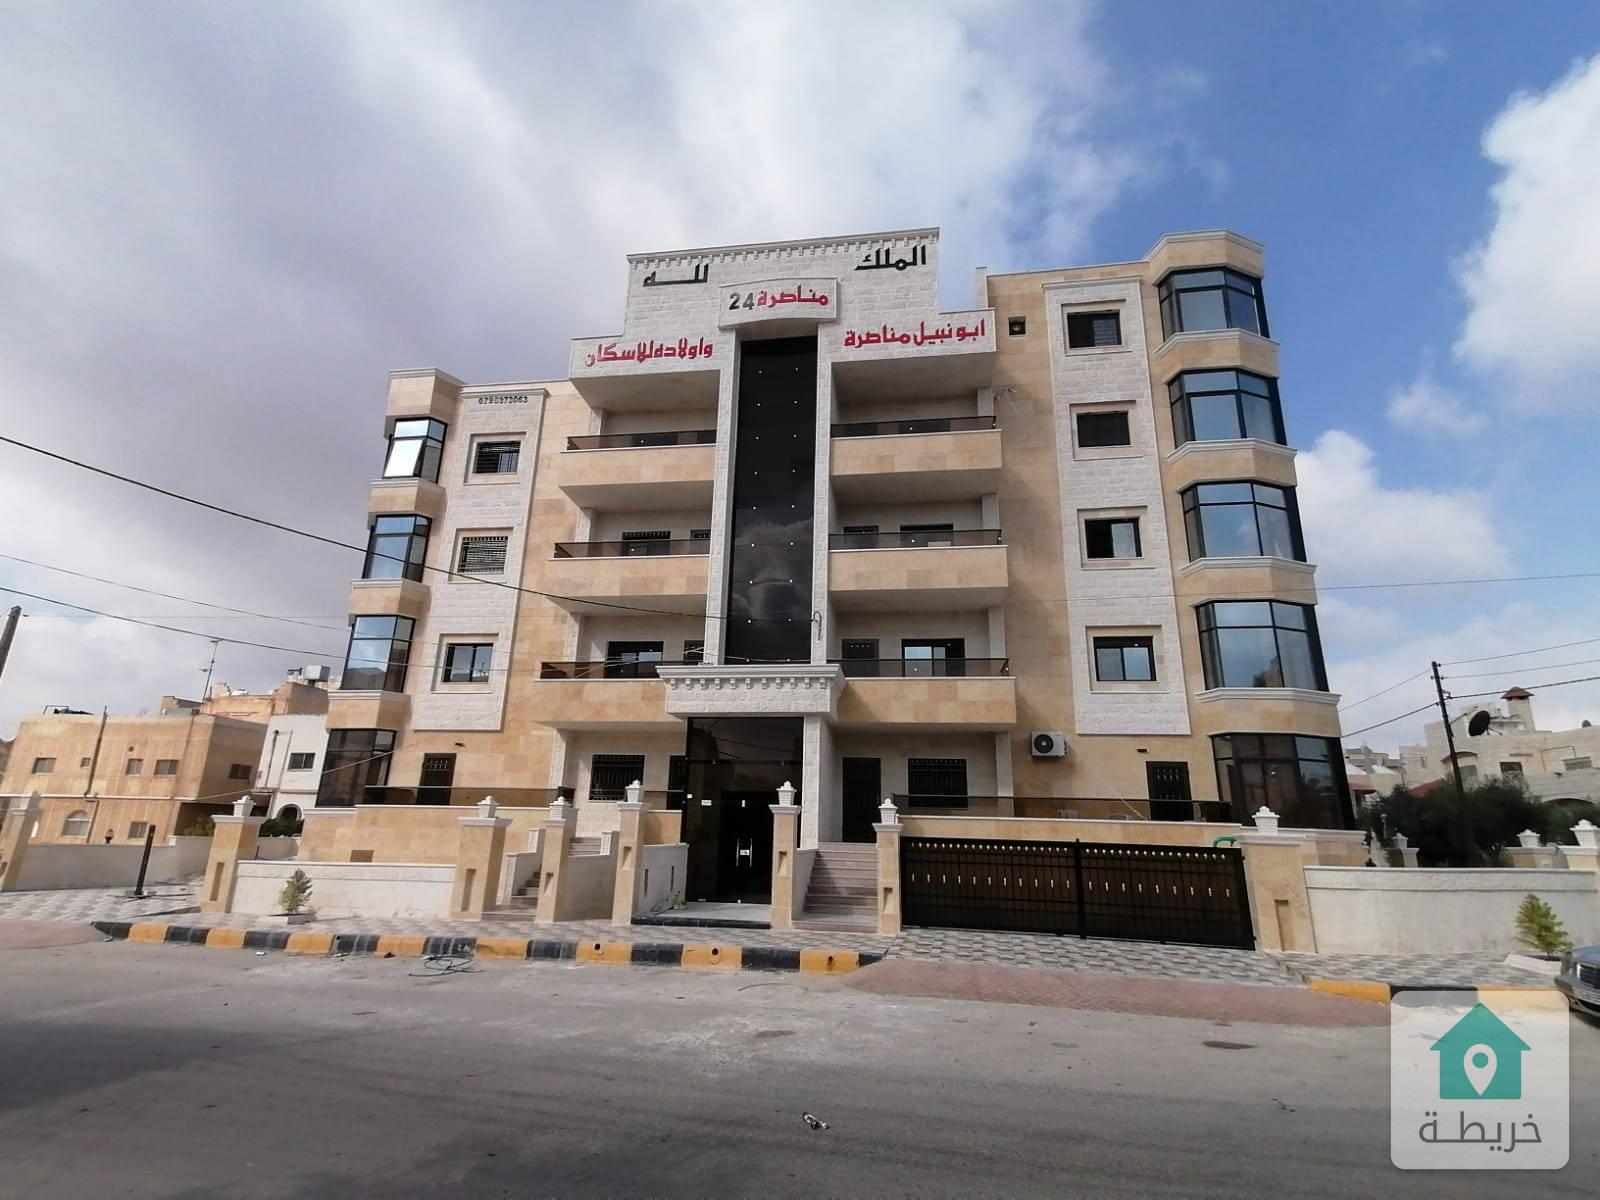 شركة ابو نبيل مناصرة واولادة للإسكان